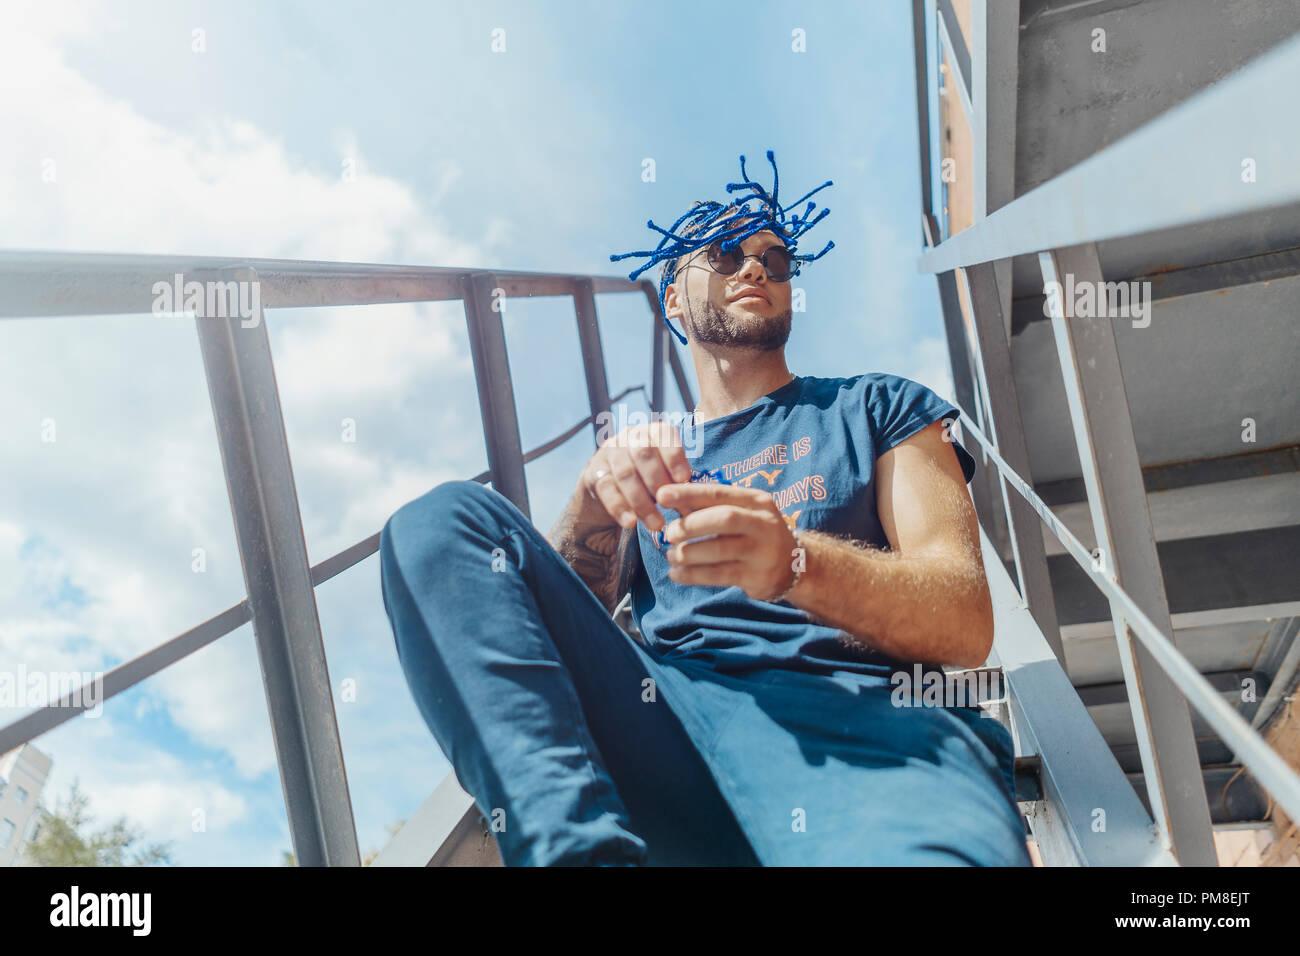 Jungen attraktiven Mann mit blauen Dreadlocks sitzen auf der Treppe und schüttelte seine Haare. Stockbild